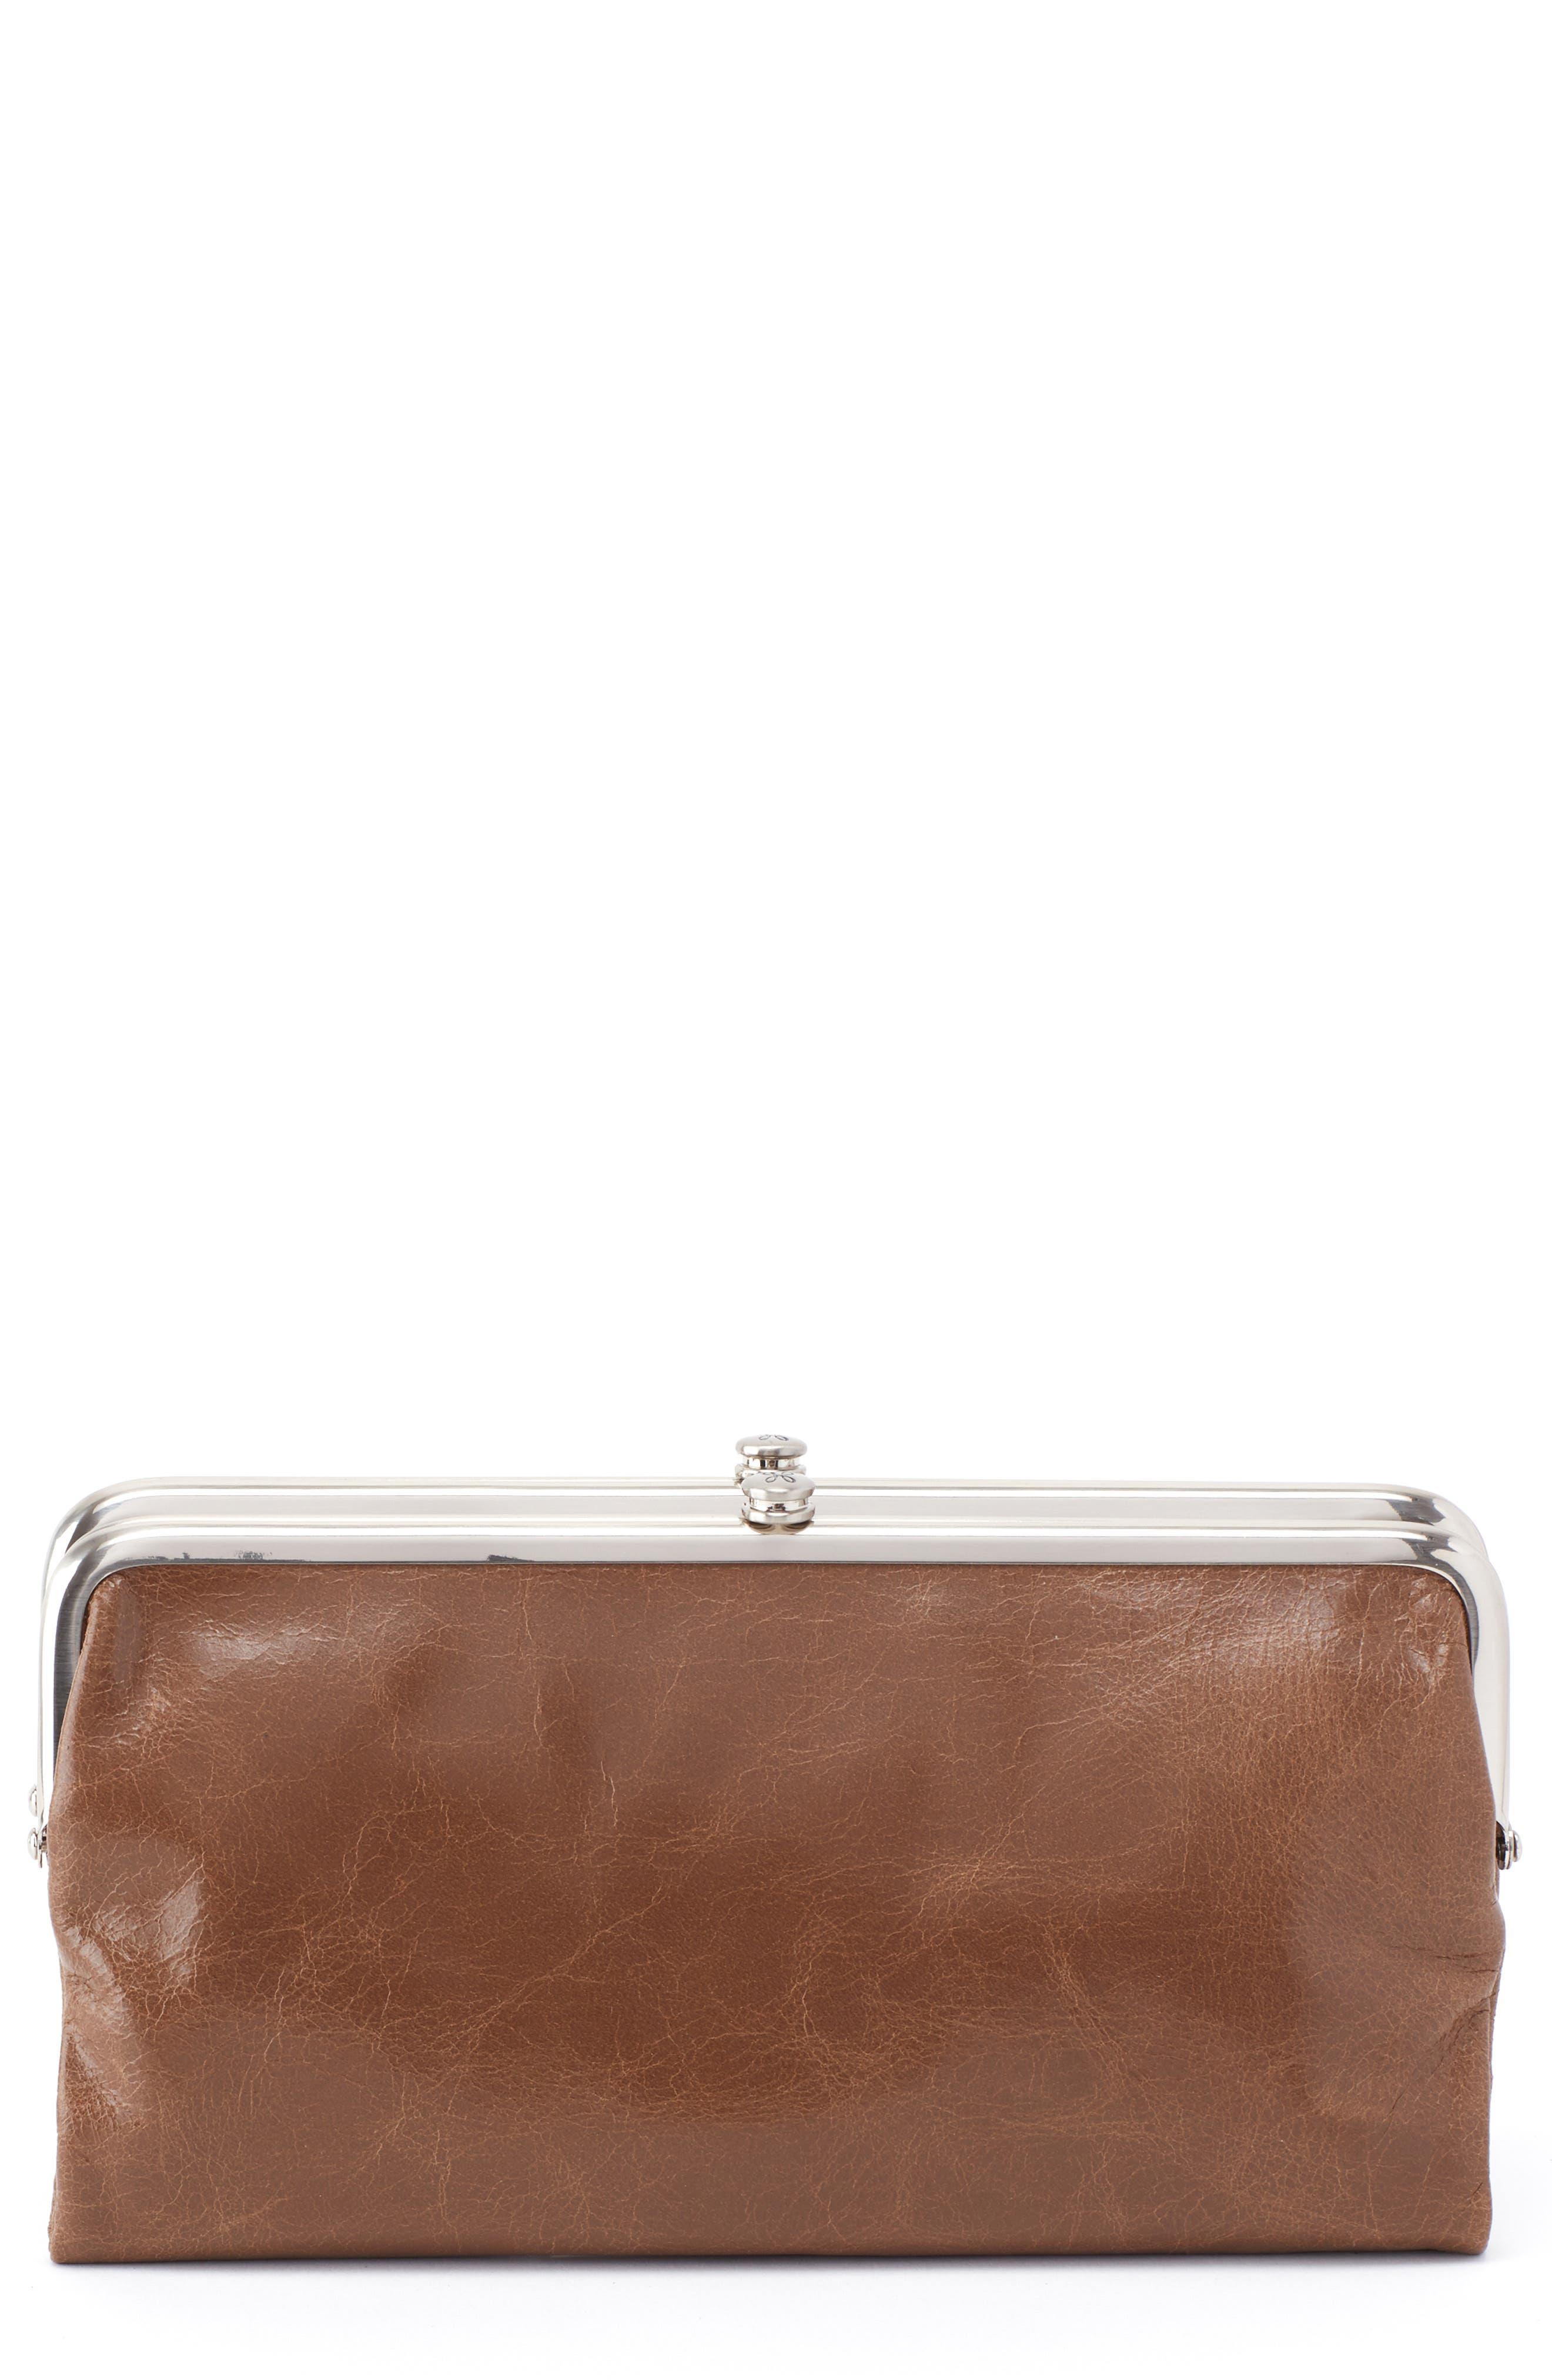 'Lauren' Leather Double Frame Clutch,                             Main thumbnail 1, color,                             Mink